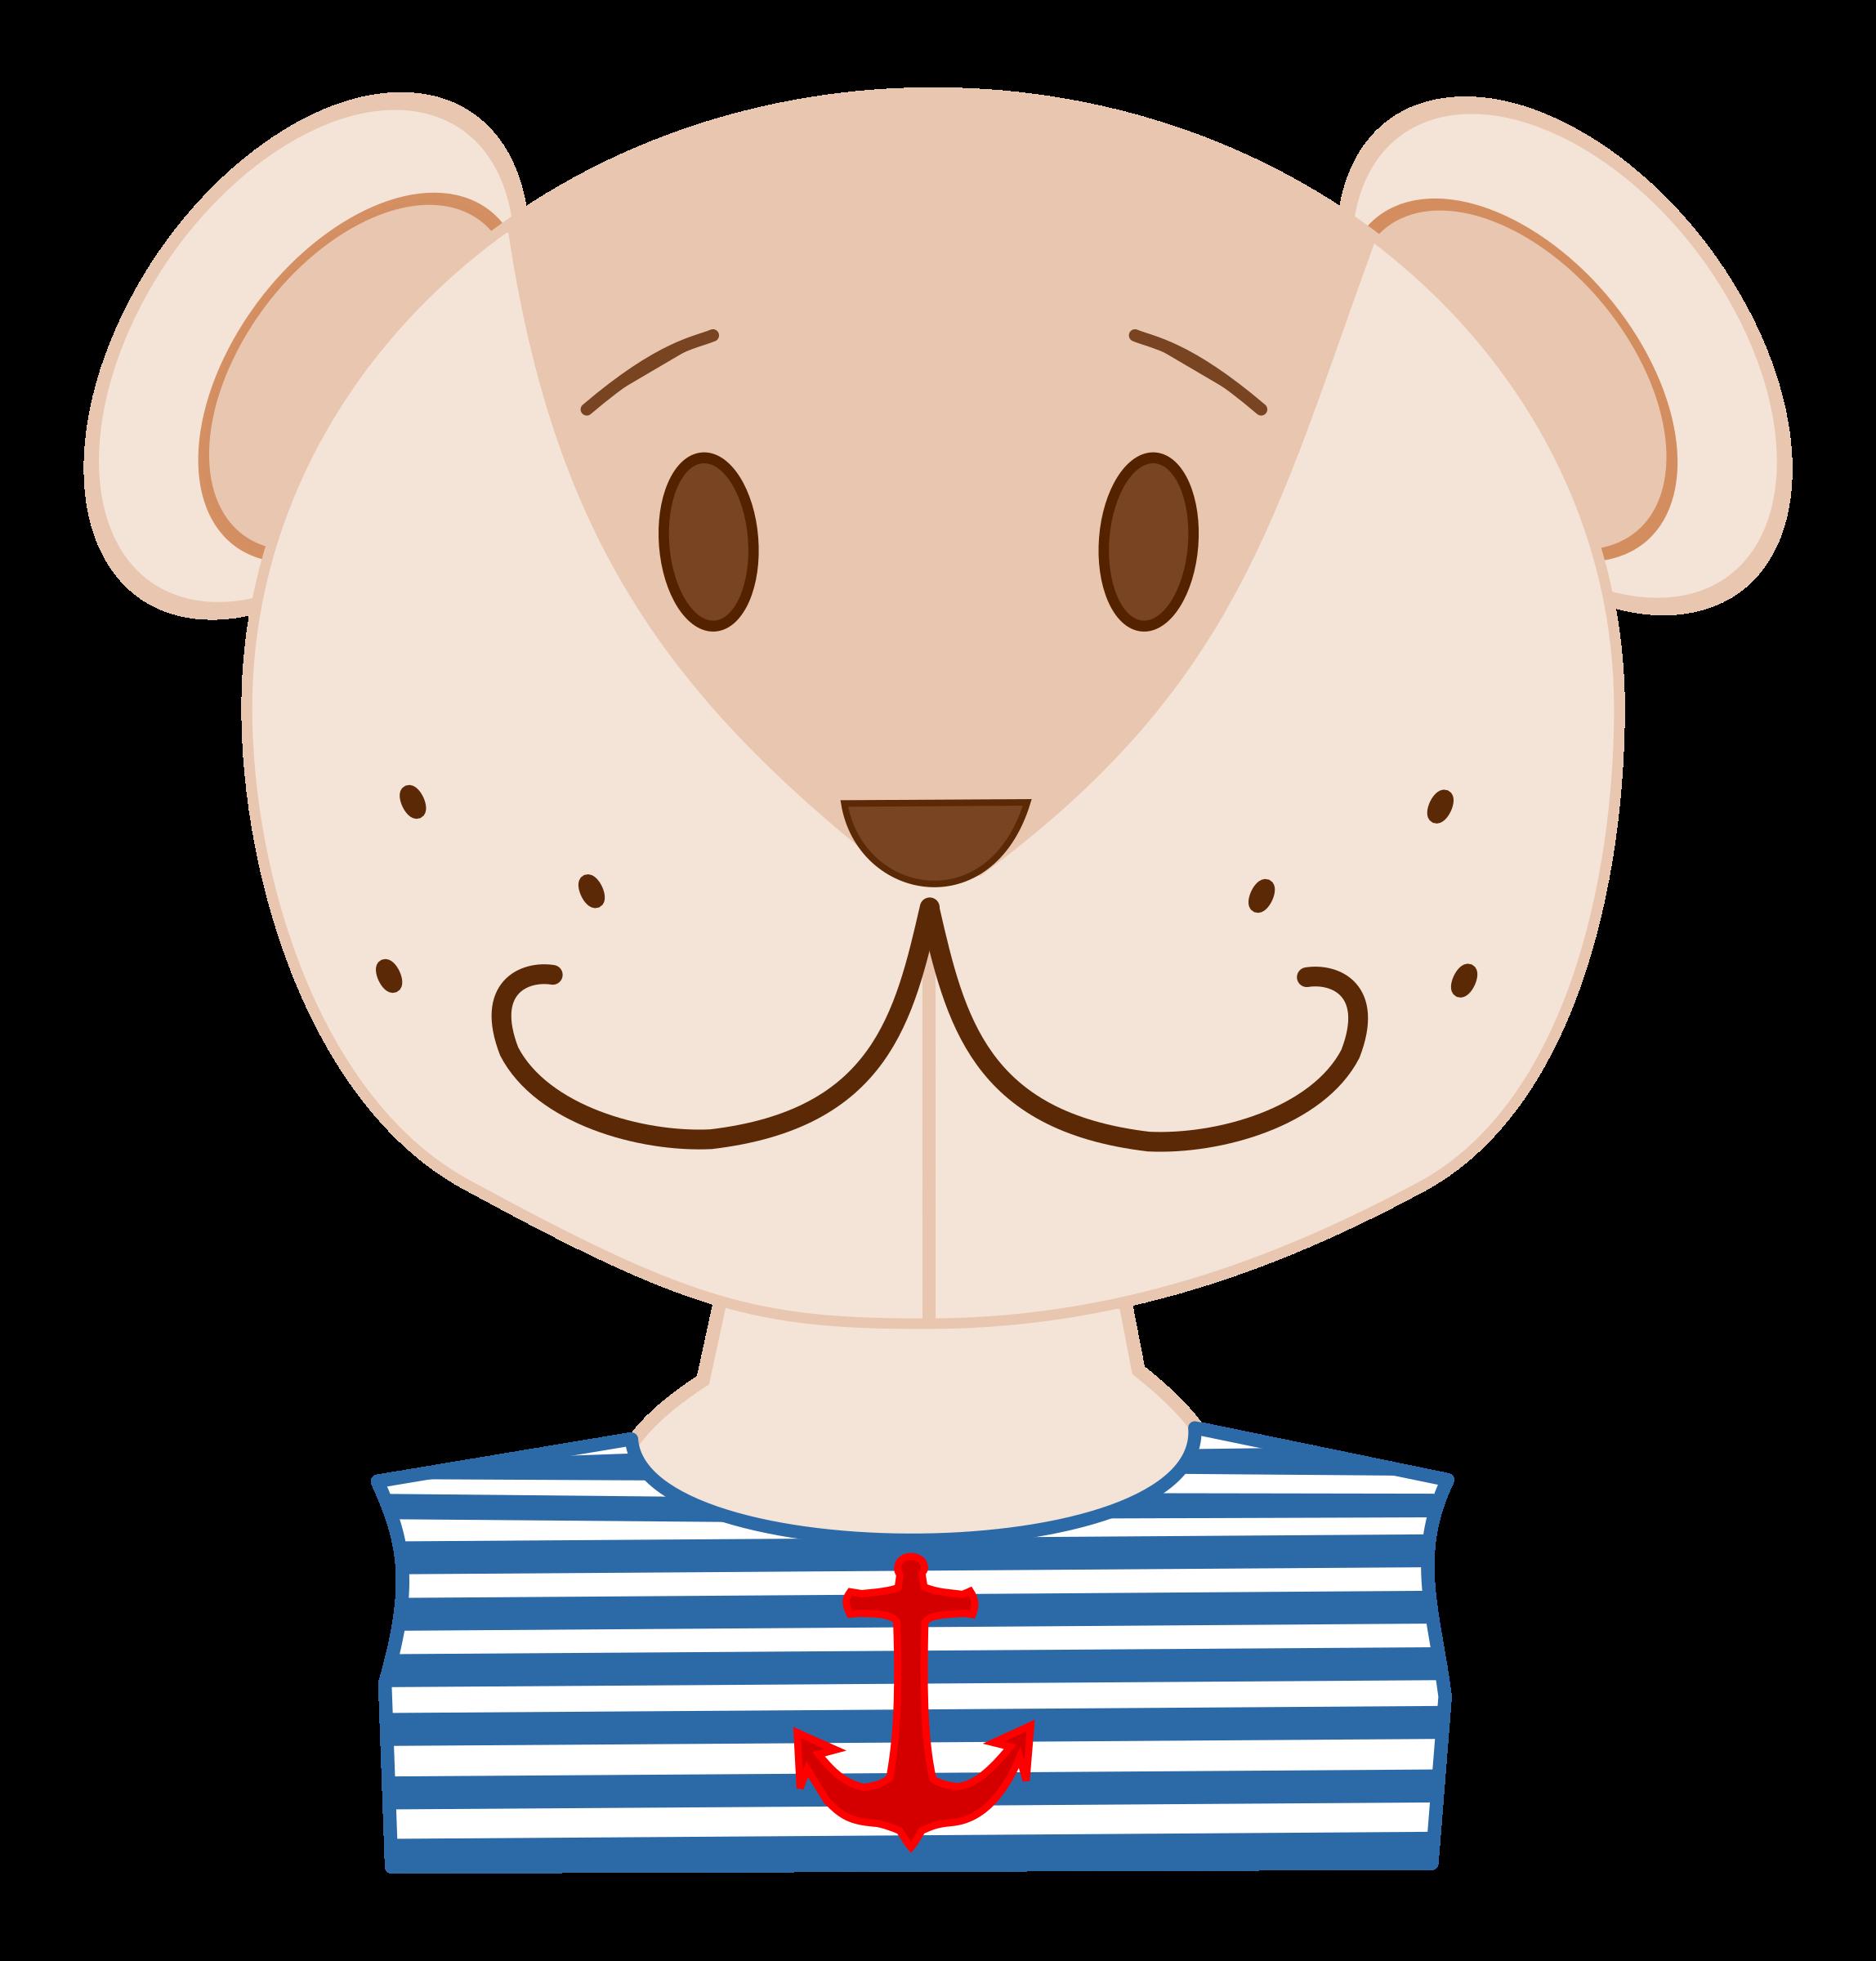 Sailor clipart teddy bear Clipart Bear Sailor Teddy Sailor